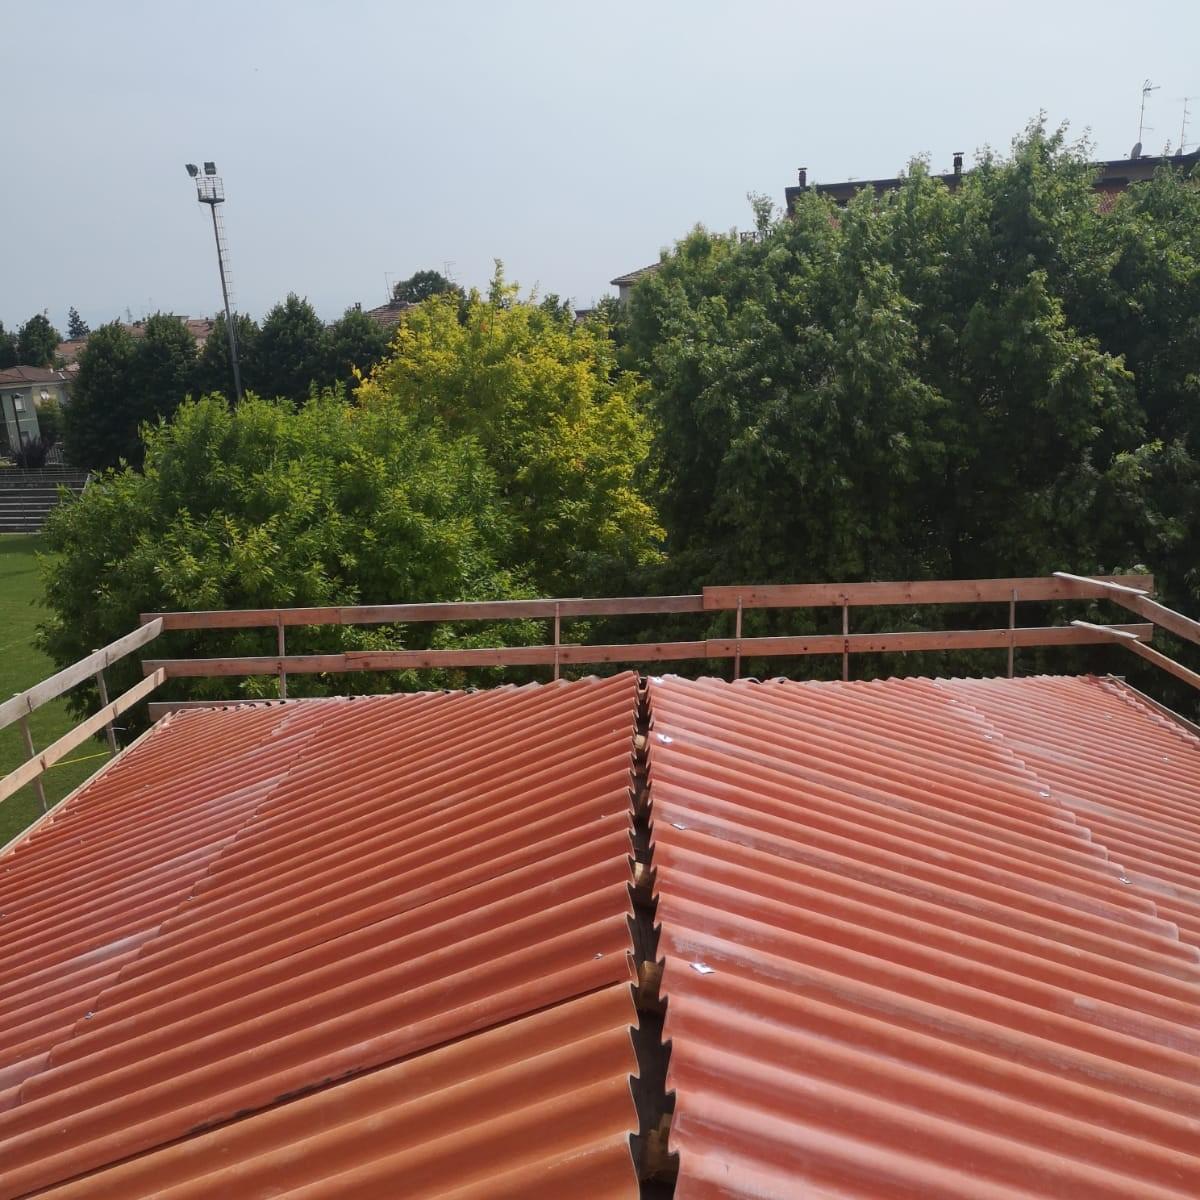 Lavori tetto Palazzina foto aggiunte (5)